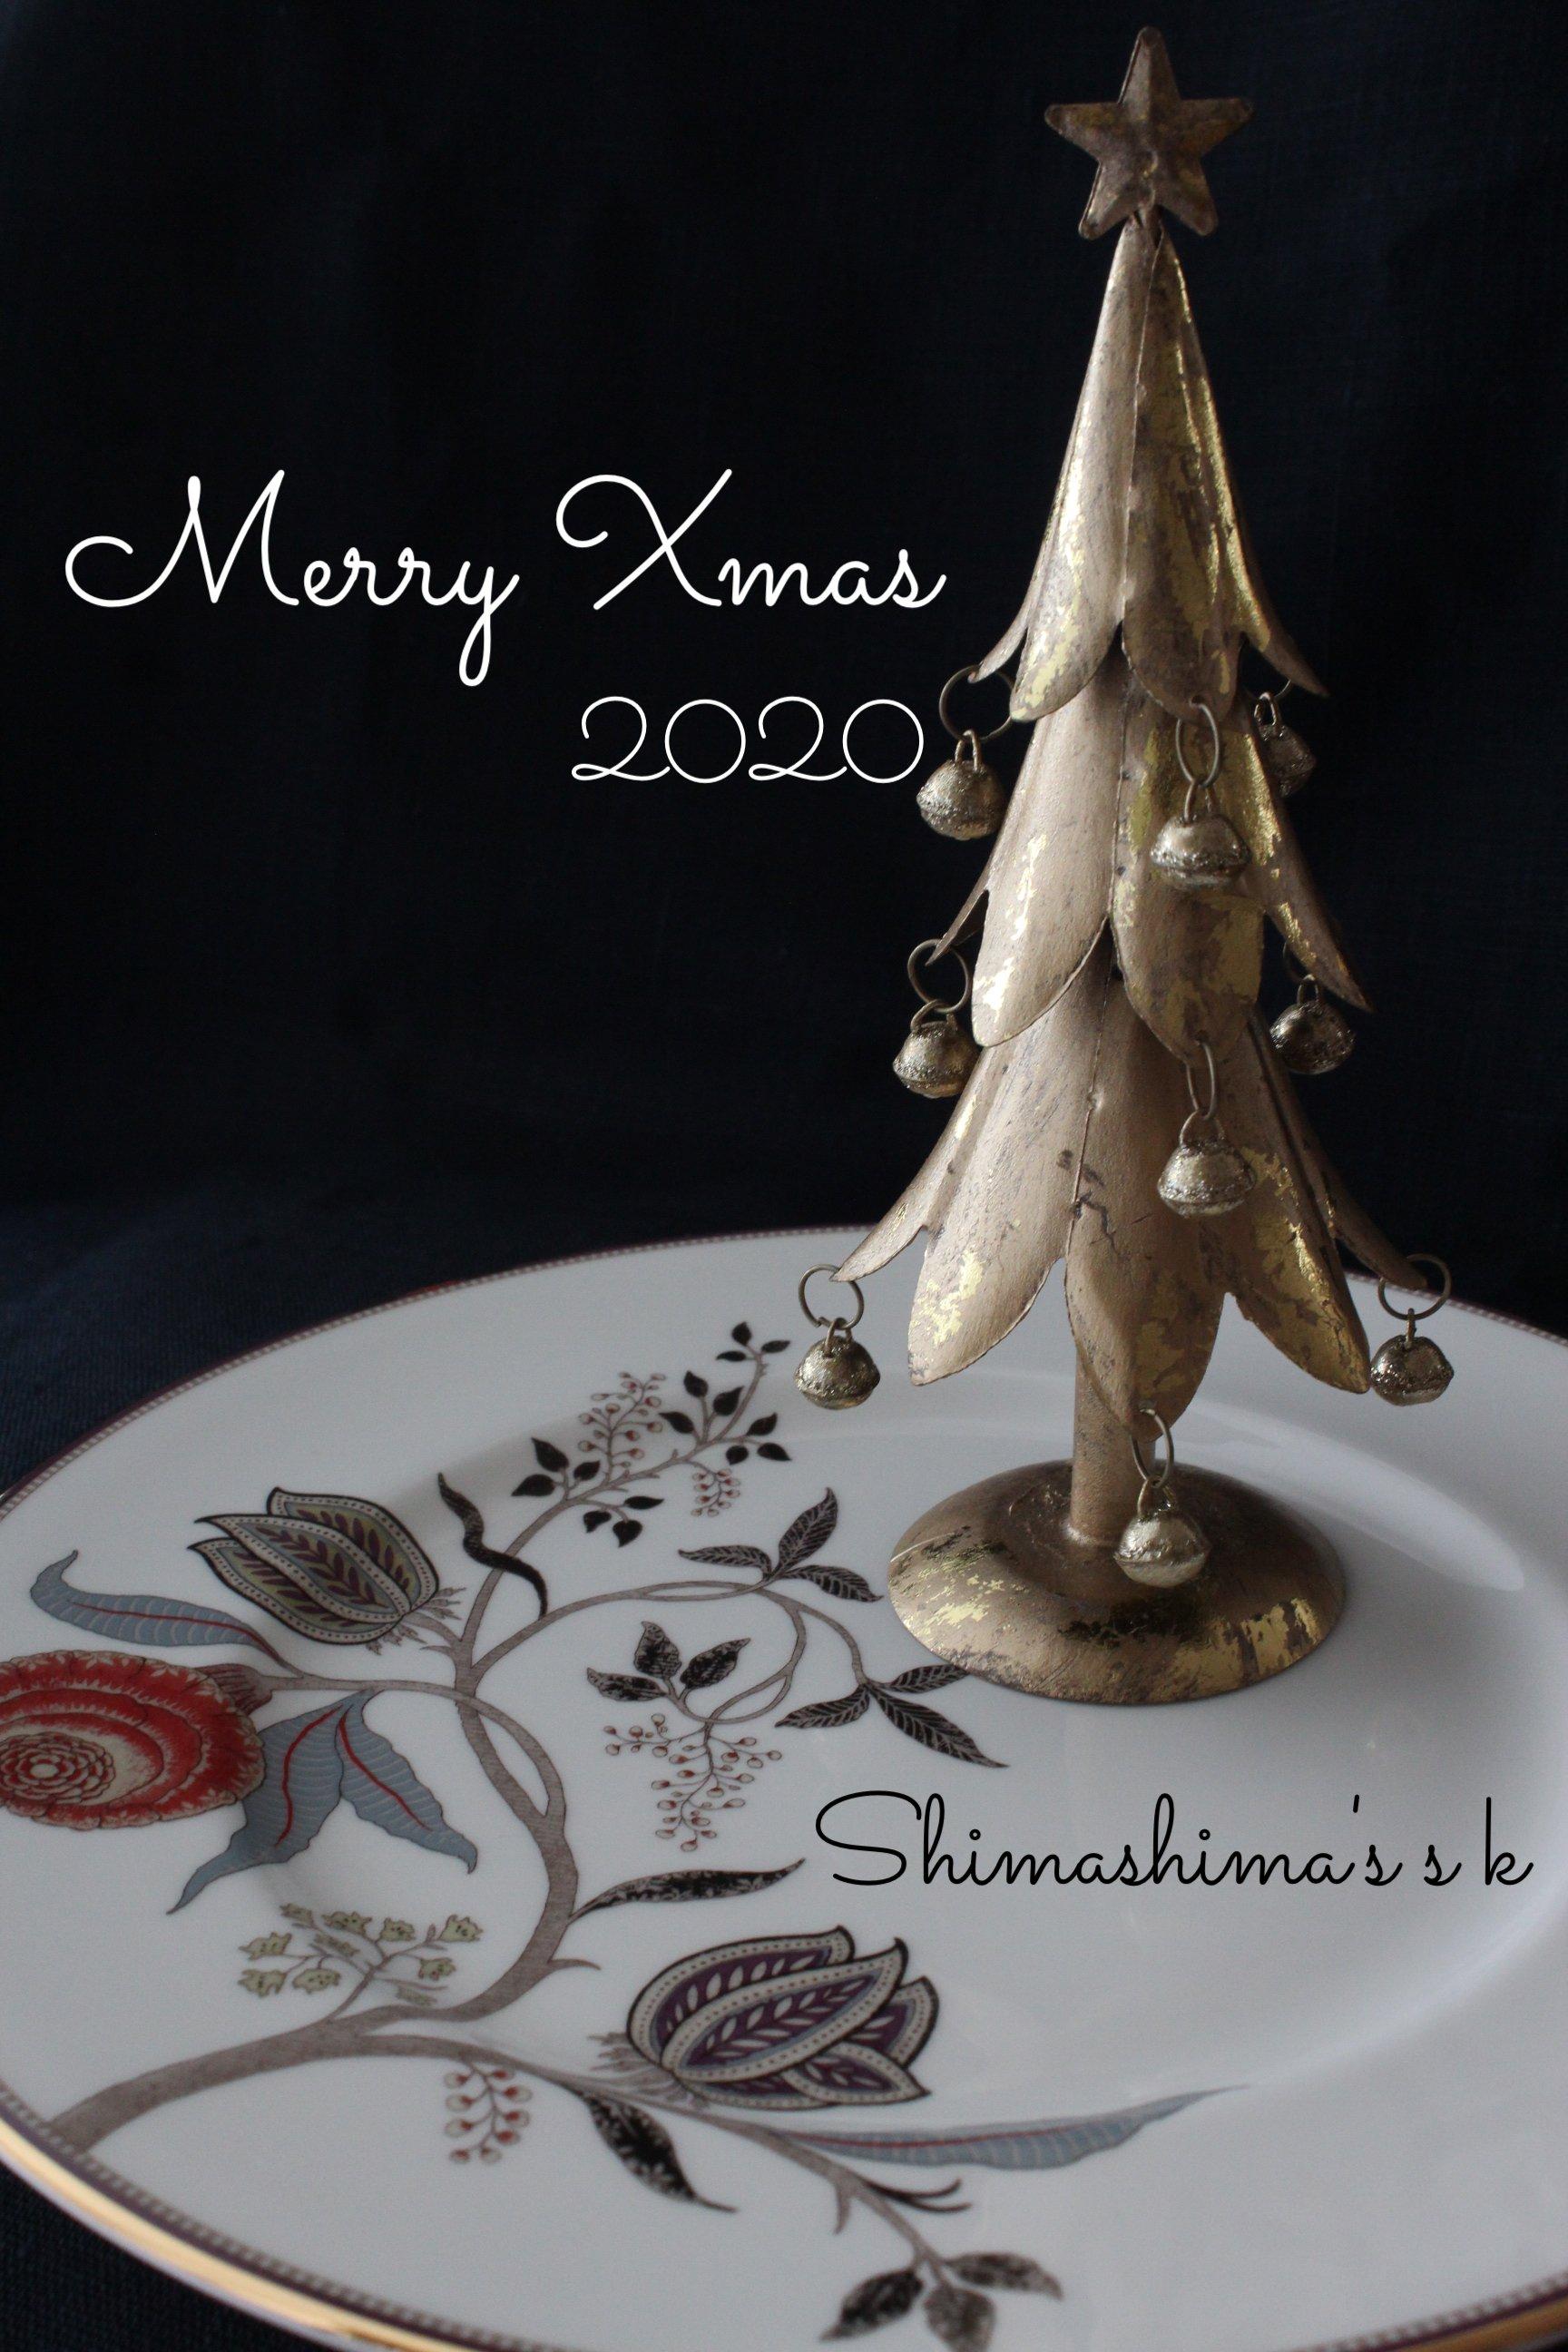 【11・12月のクッキング&テーブル】🎄クリスマスレッスン 「大人女子の煌びやかシックなクリスマス」のイメージその1